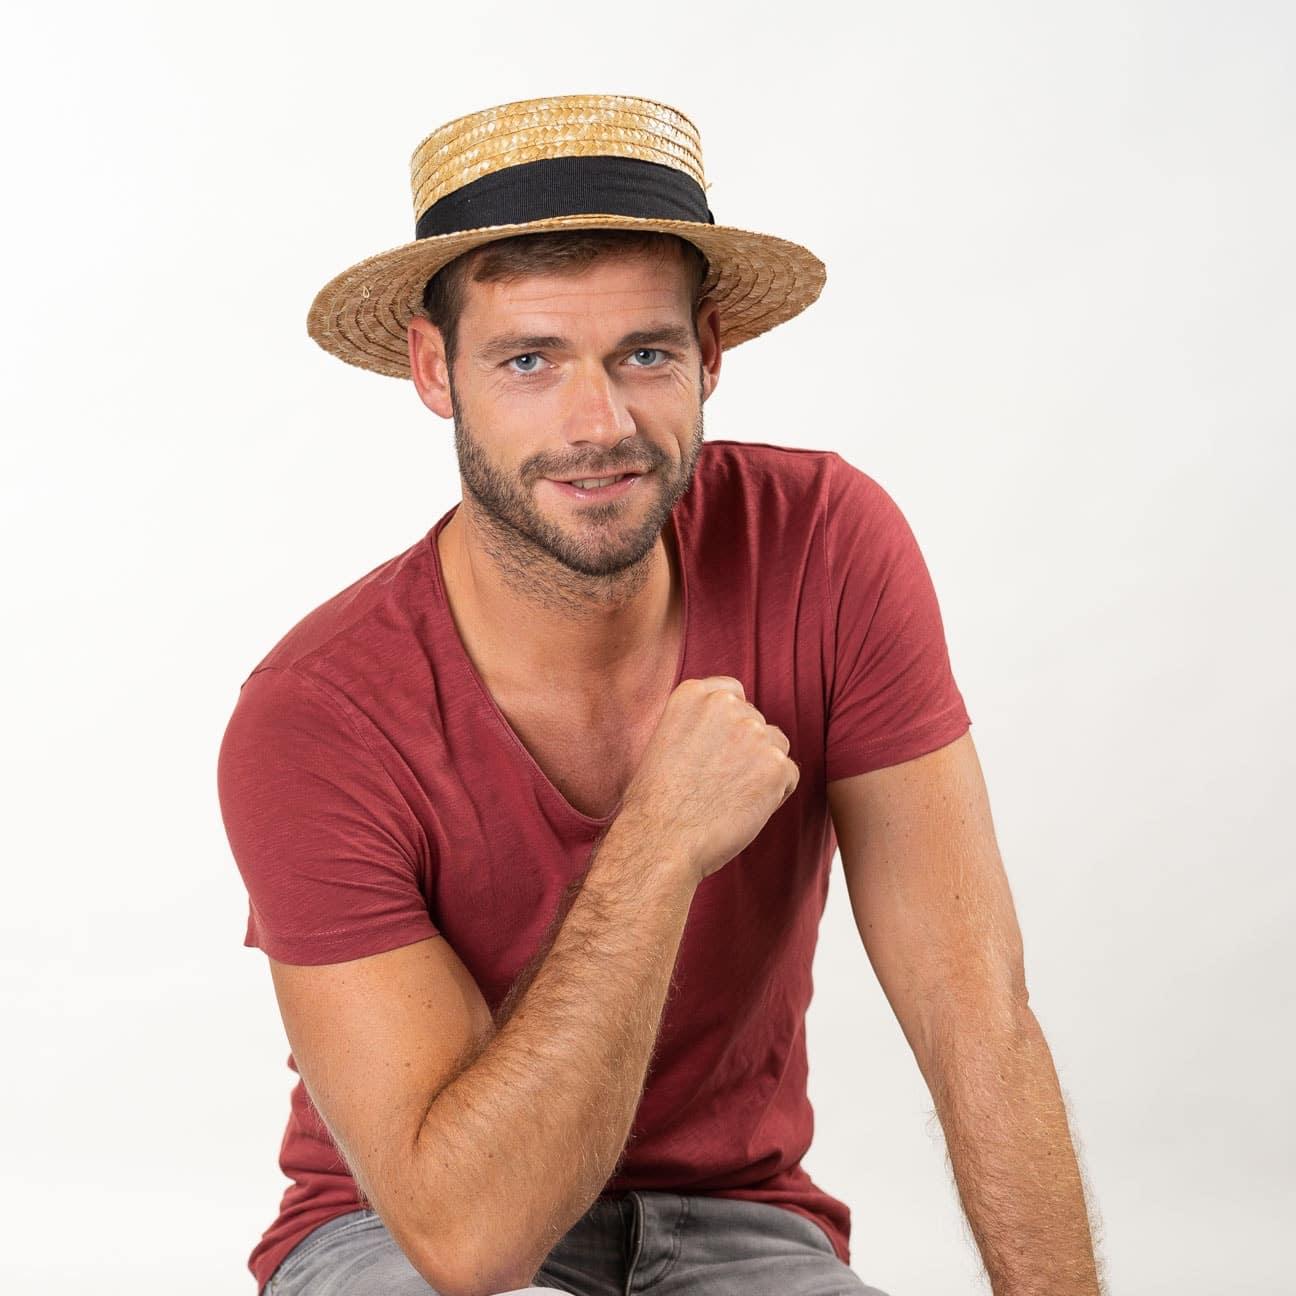 1e200944f34b7 Sombrero de Paja Canotier by Lipodo - Sombreros - sombreroshop.es